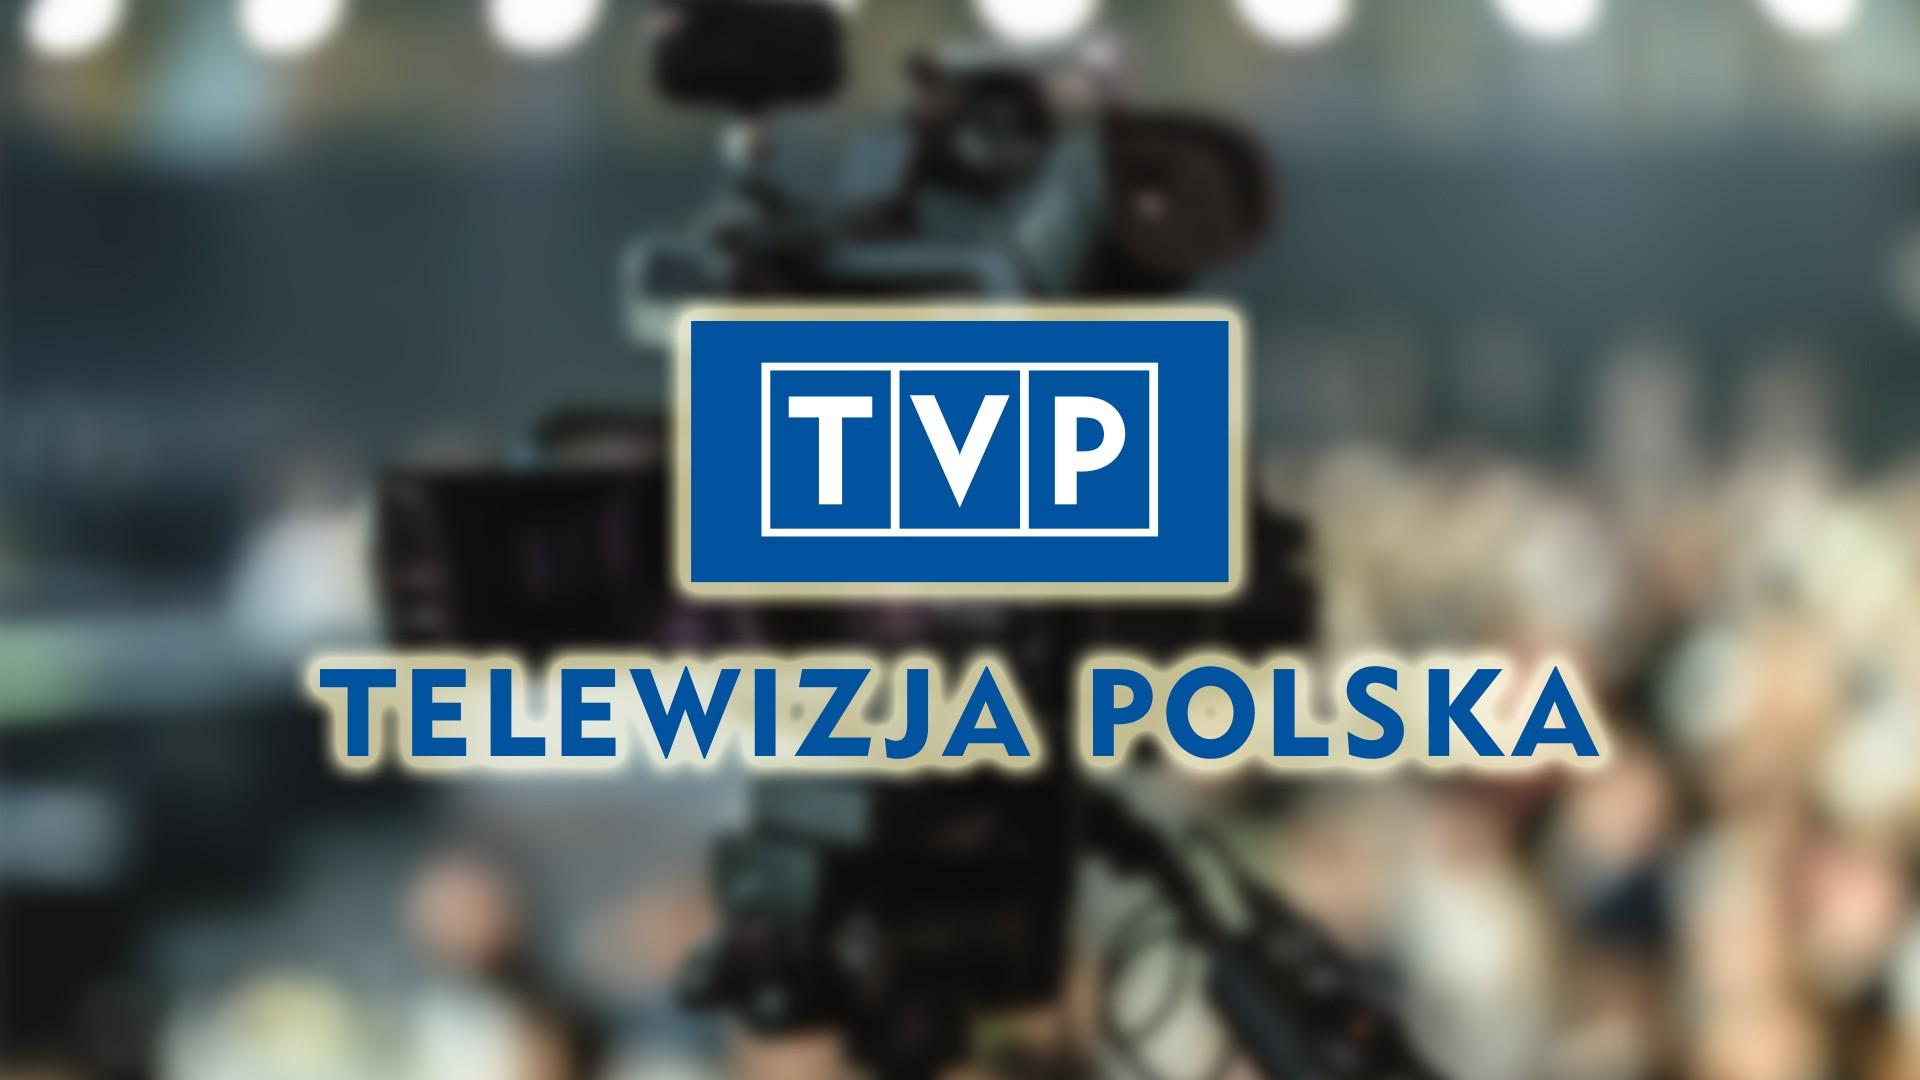 Telewizja Polska